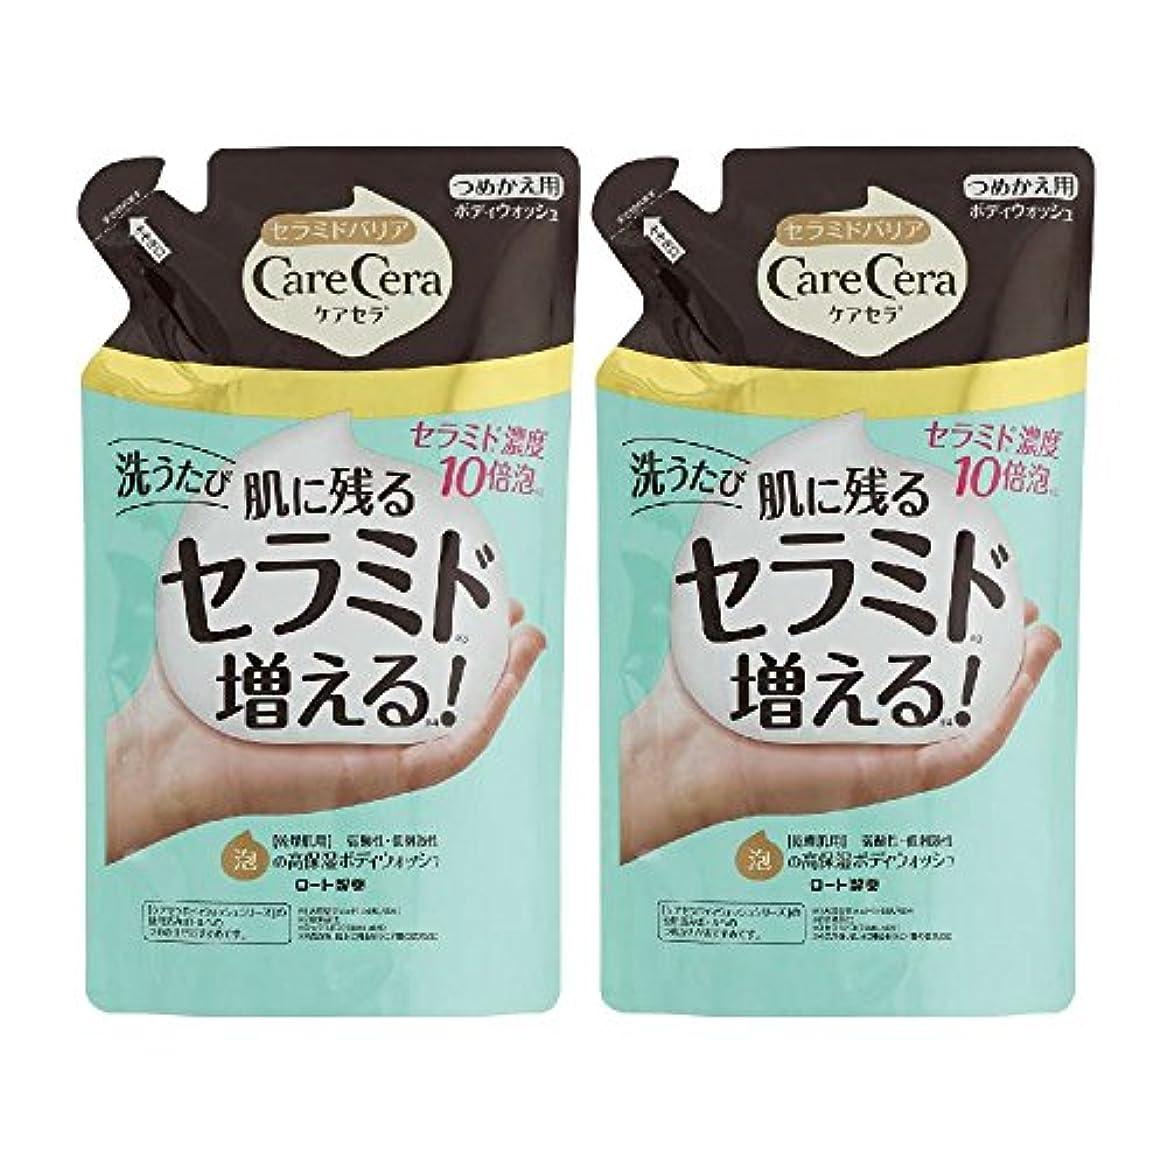 起きる起きる蚊ケアセラ (CareCera) 泡の高保湿 ボディウォッシュ ピュアフローラルの香り (つめかえ用) 350mL×2個 ※セバメドモイスチャーローション10mlサンプル付き